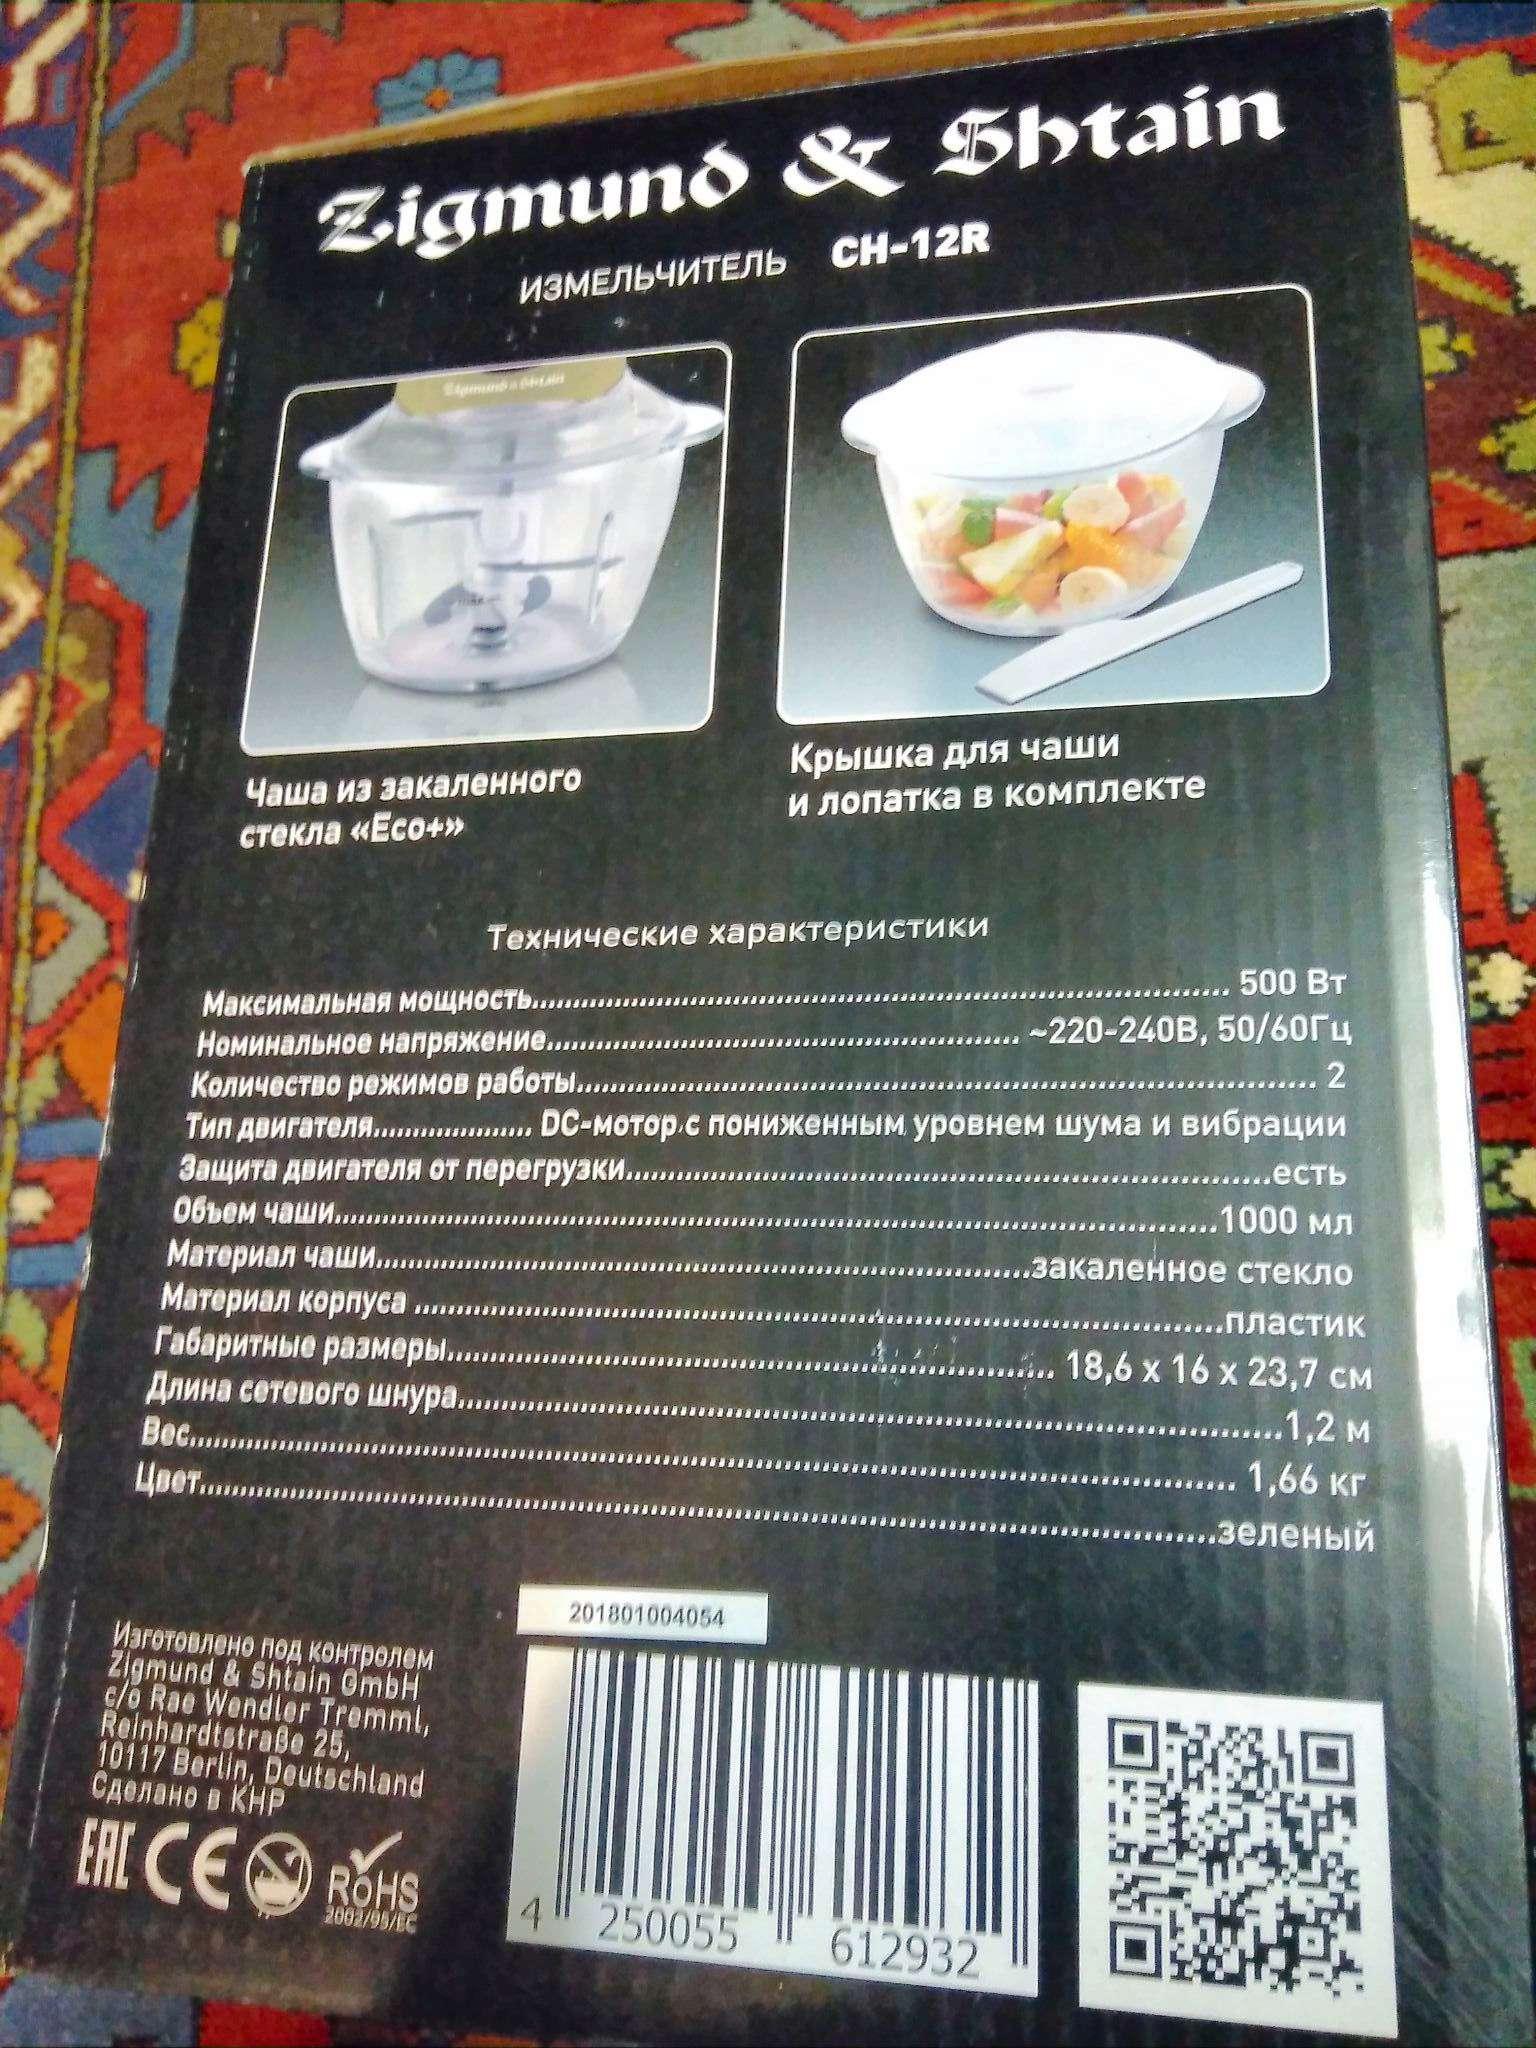 Кухонные принадлежности, купить по цене от 743 руб в интернет-магазине TMALL